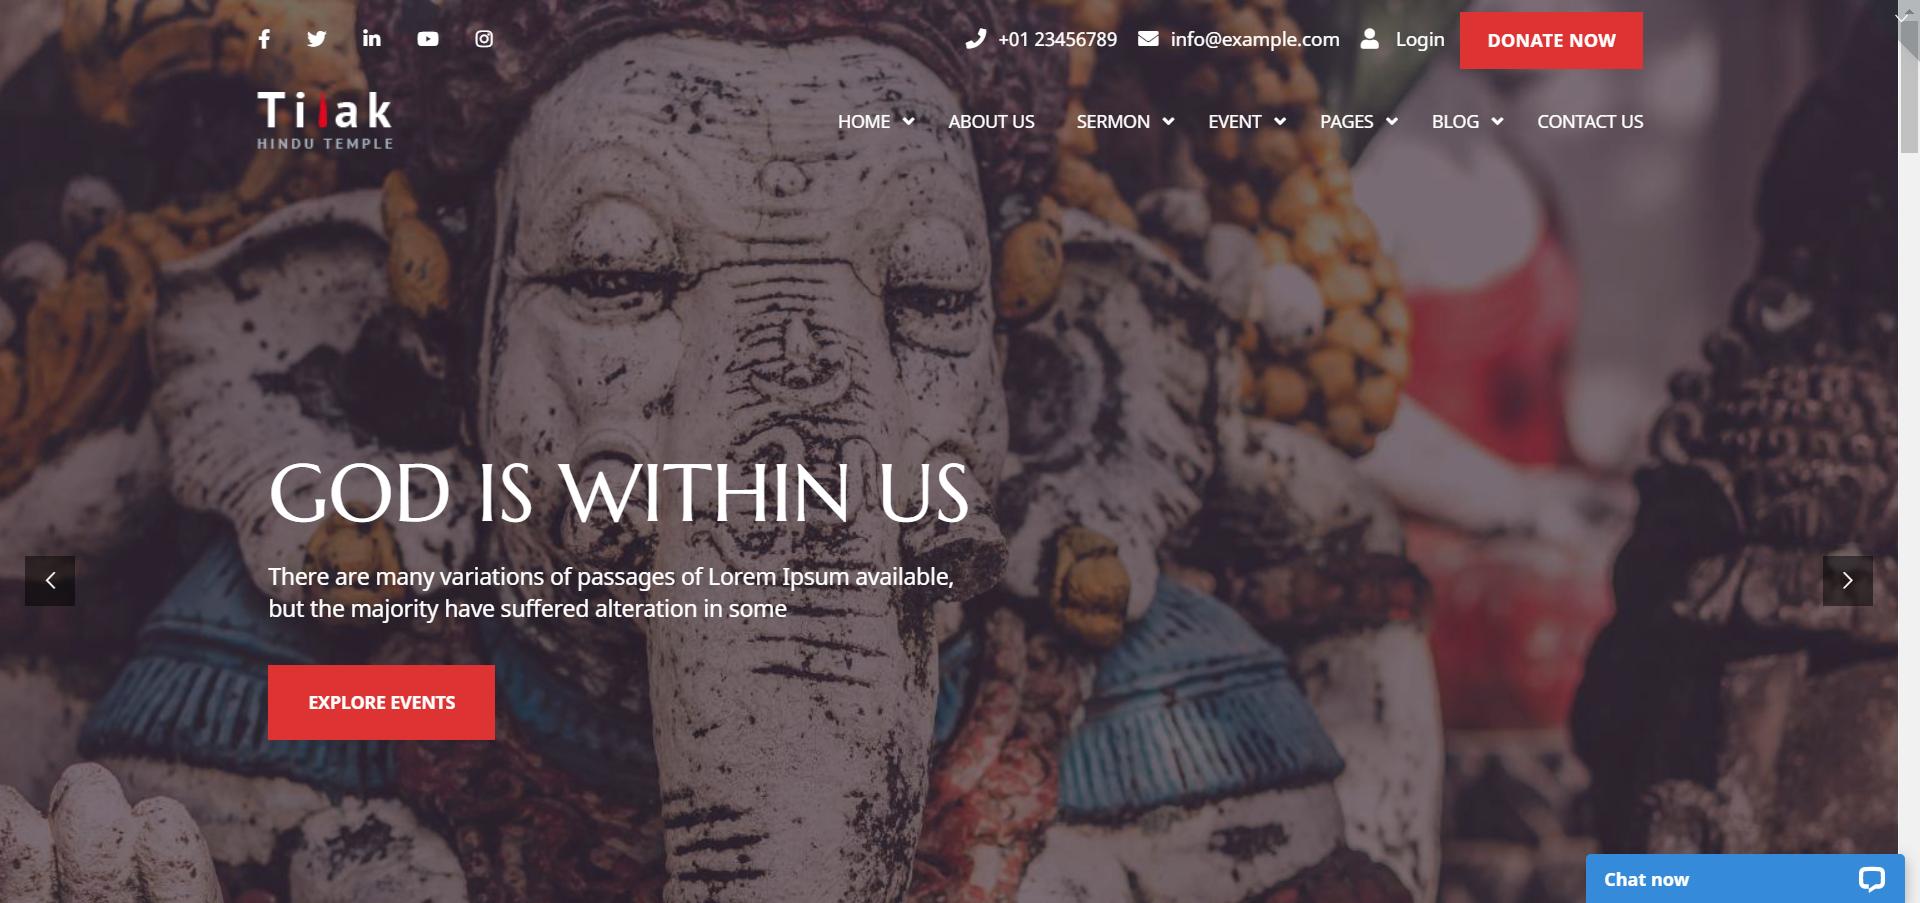 Tilak - WordPress religious theme